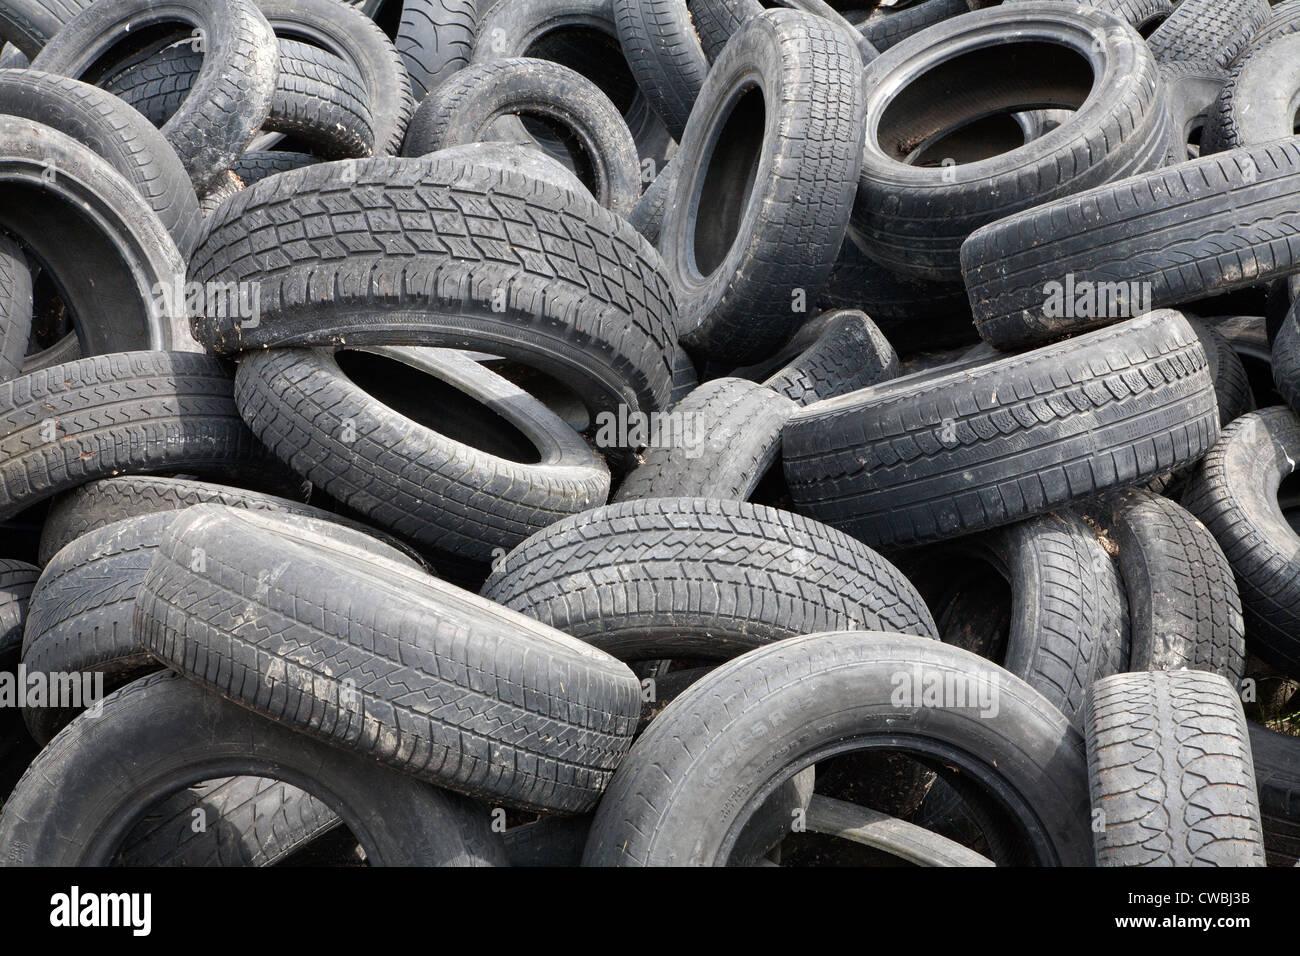 detail of junkyard of pneumatics - Stock Image